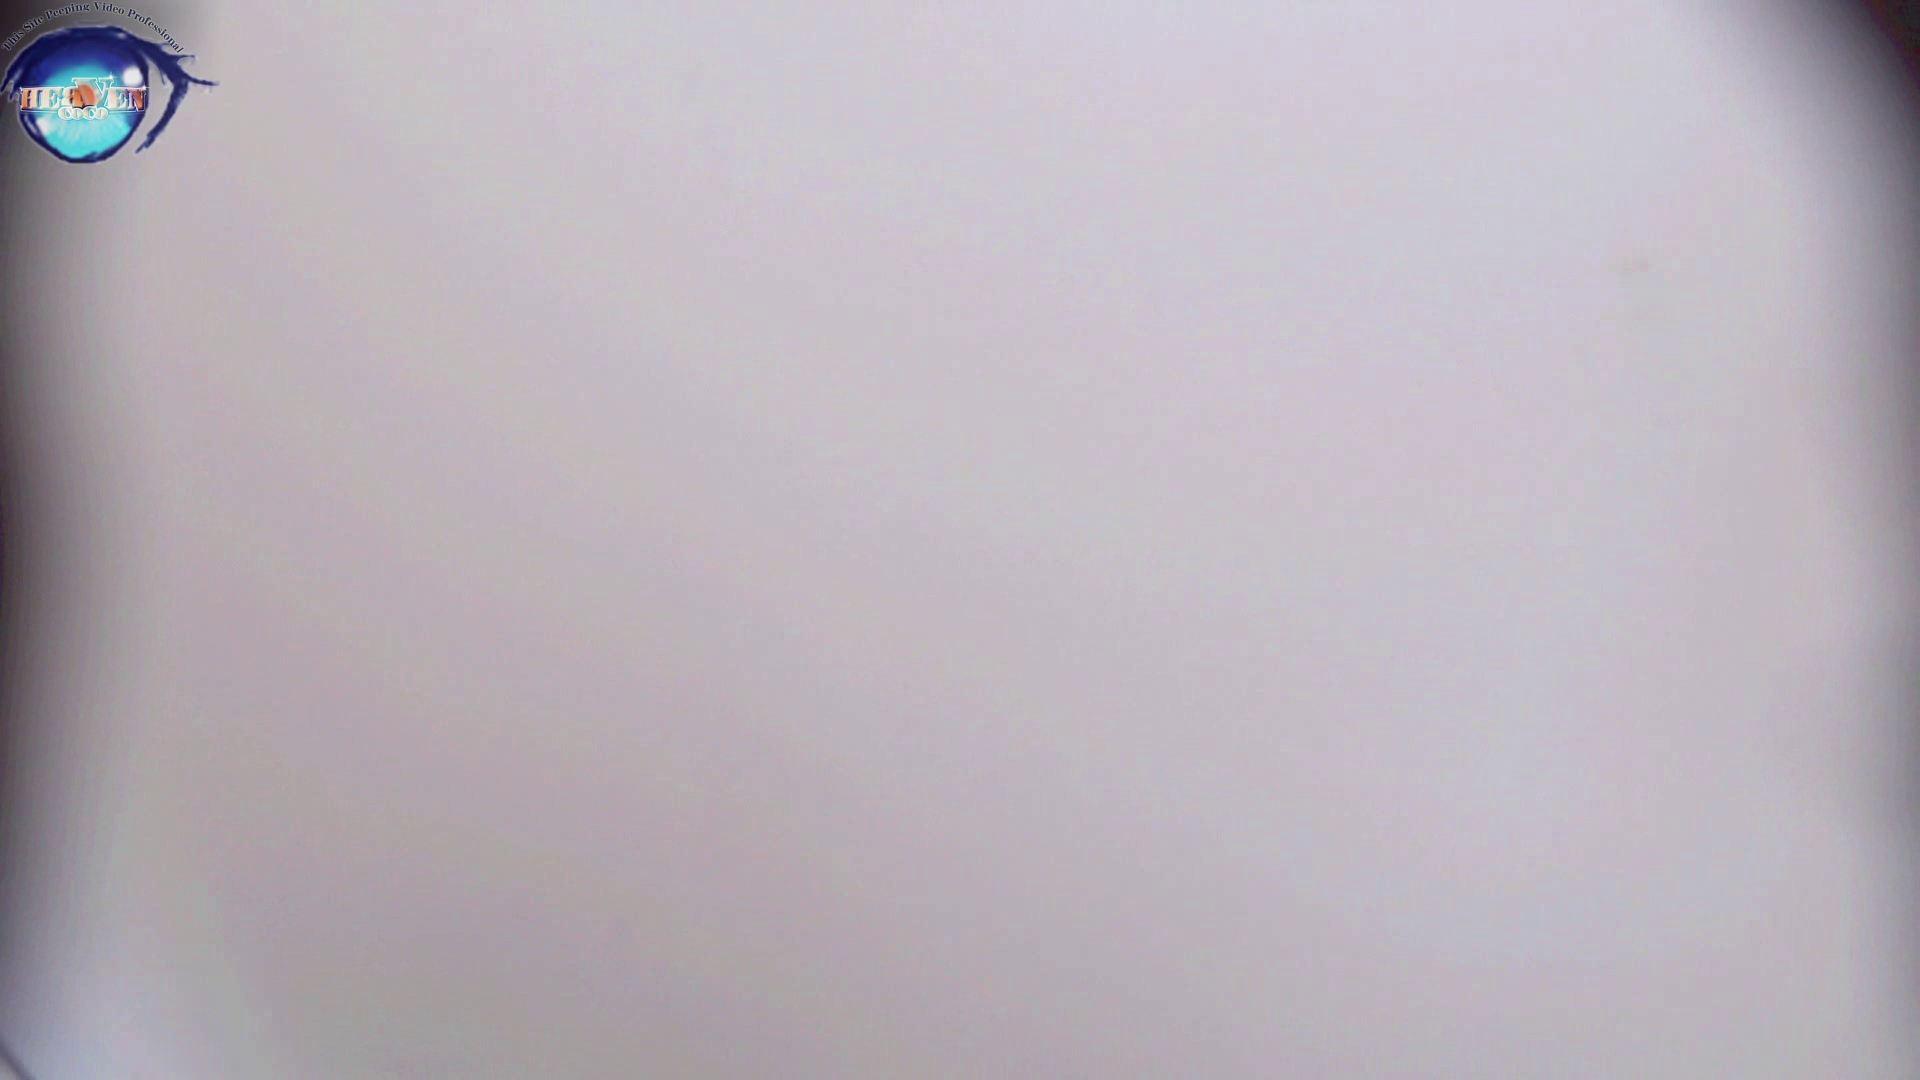 無修正おまんこ動画 洗面所突入レポート!!お銀 vol.68 無謀に通路に飛び出て一番明るいフロント撮り実現 前編 のぞき本舗 中村屋